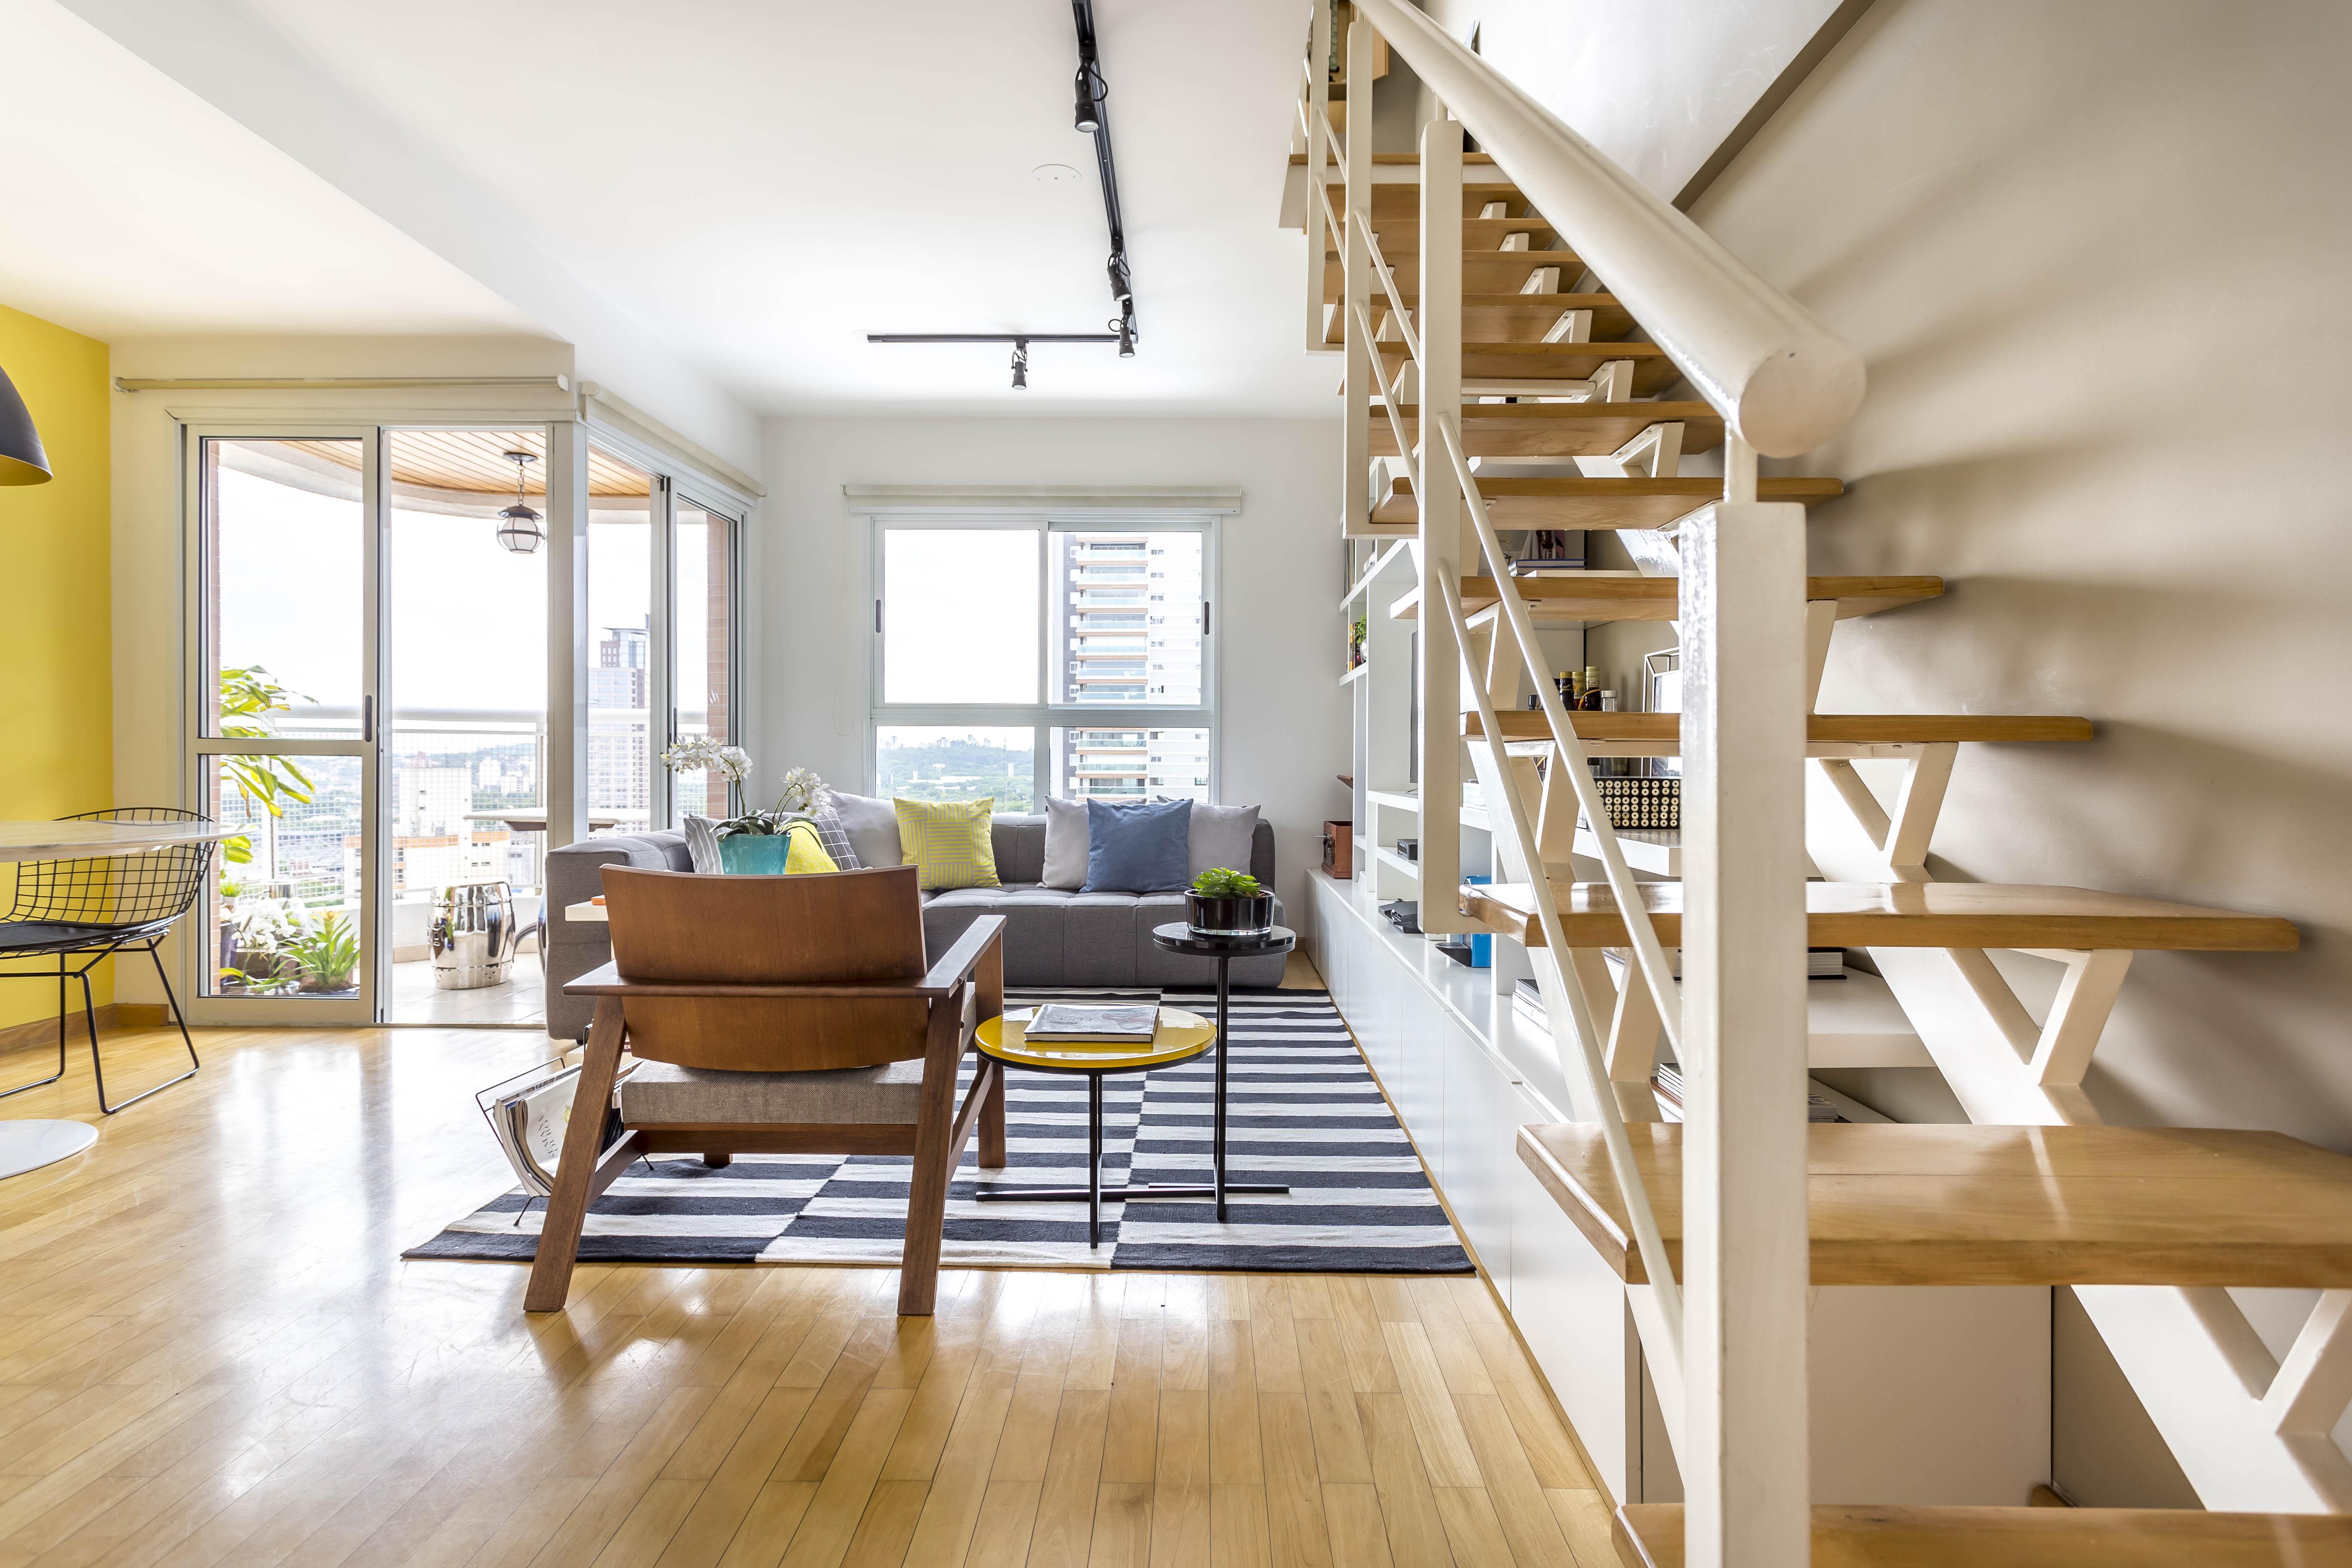 1-loft-com-pegada-moderna-e-ambientes-integrados